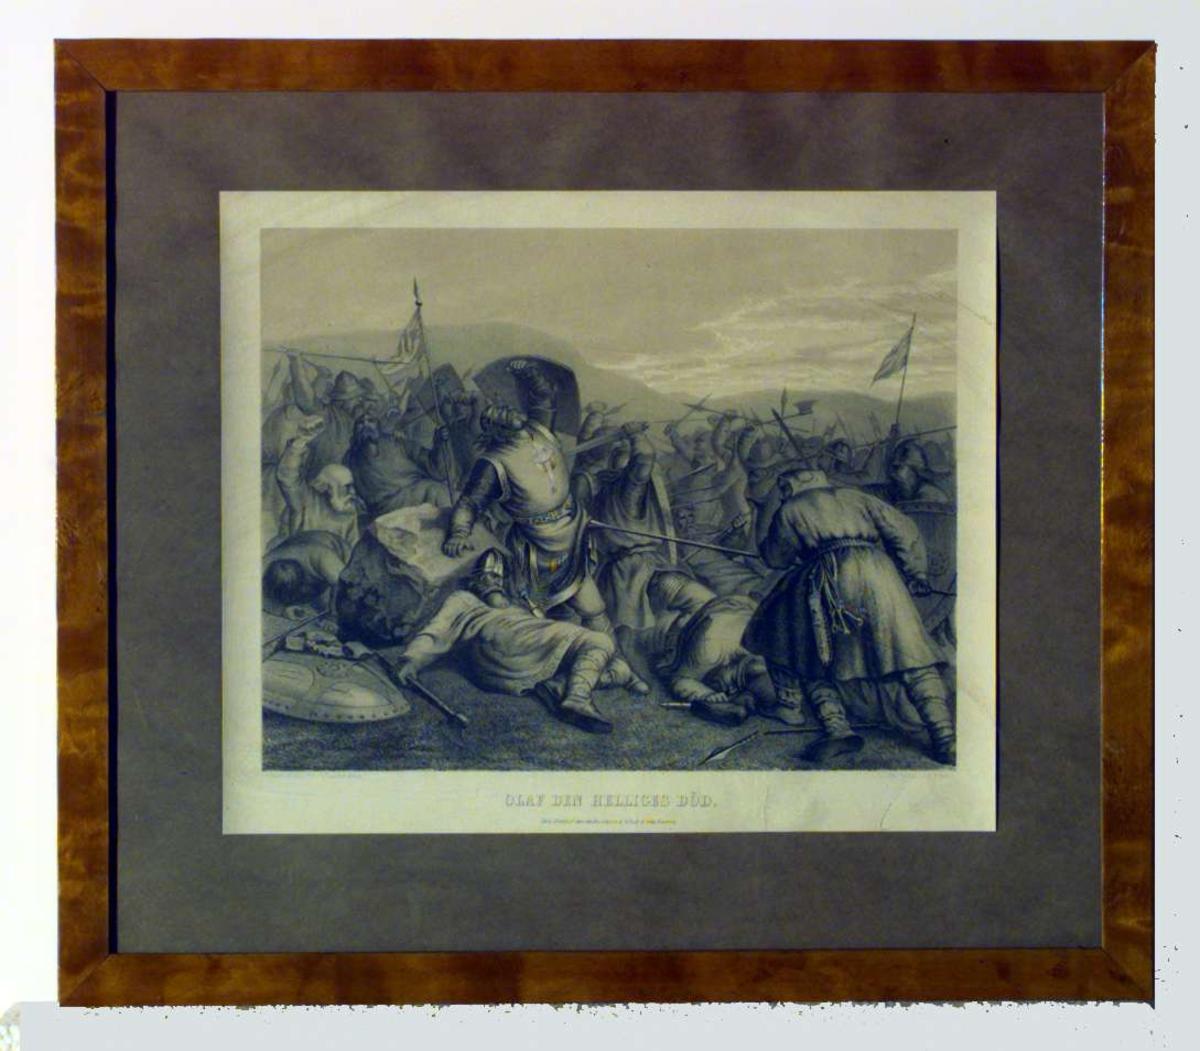 Olav den helliges død. Slaget på Stiklestad i 1030.